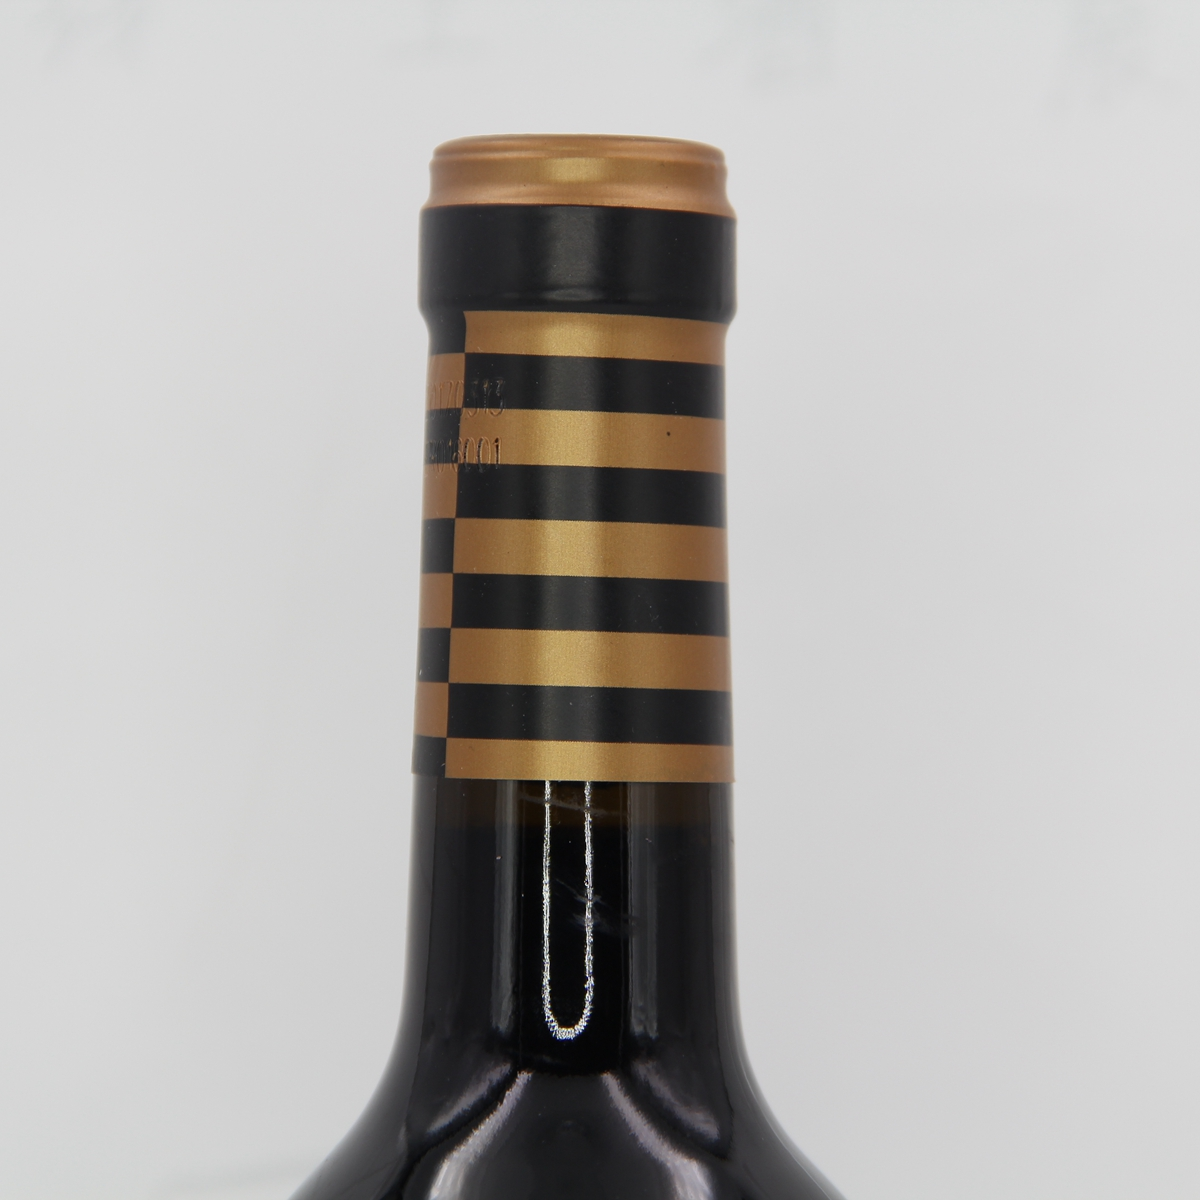 沙地酒庄 梅鹿辄干红葡萄酒